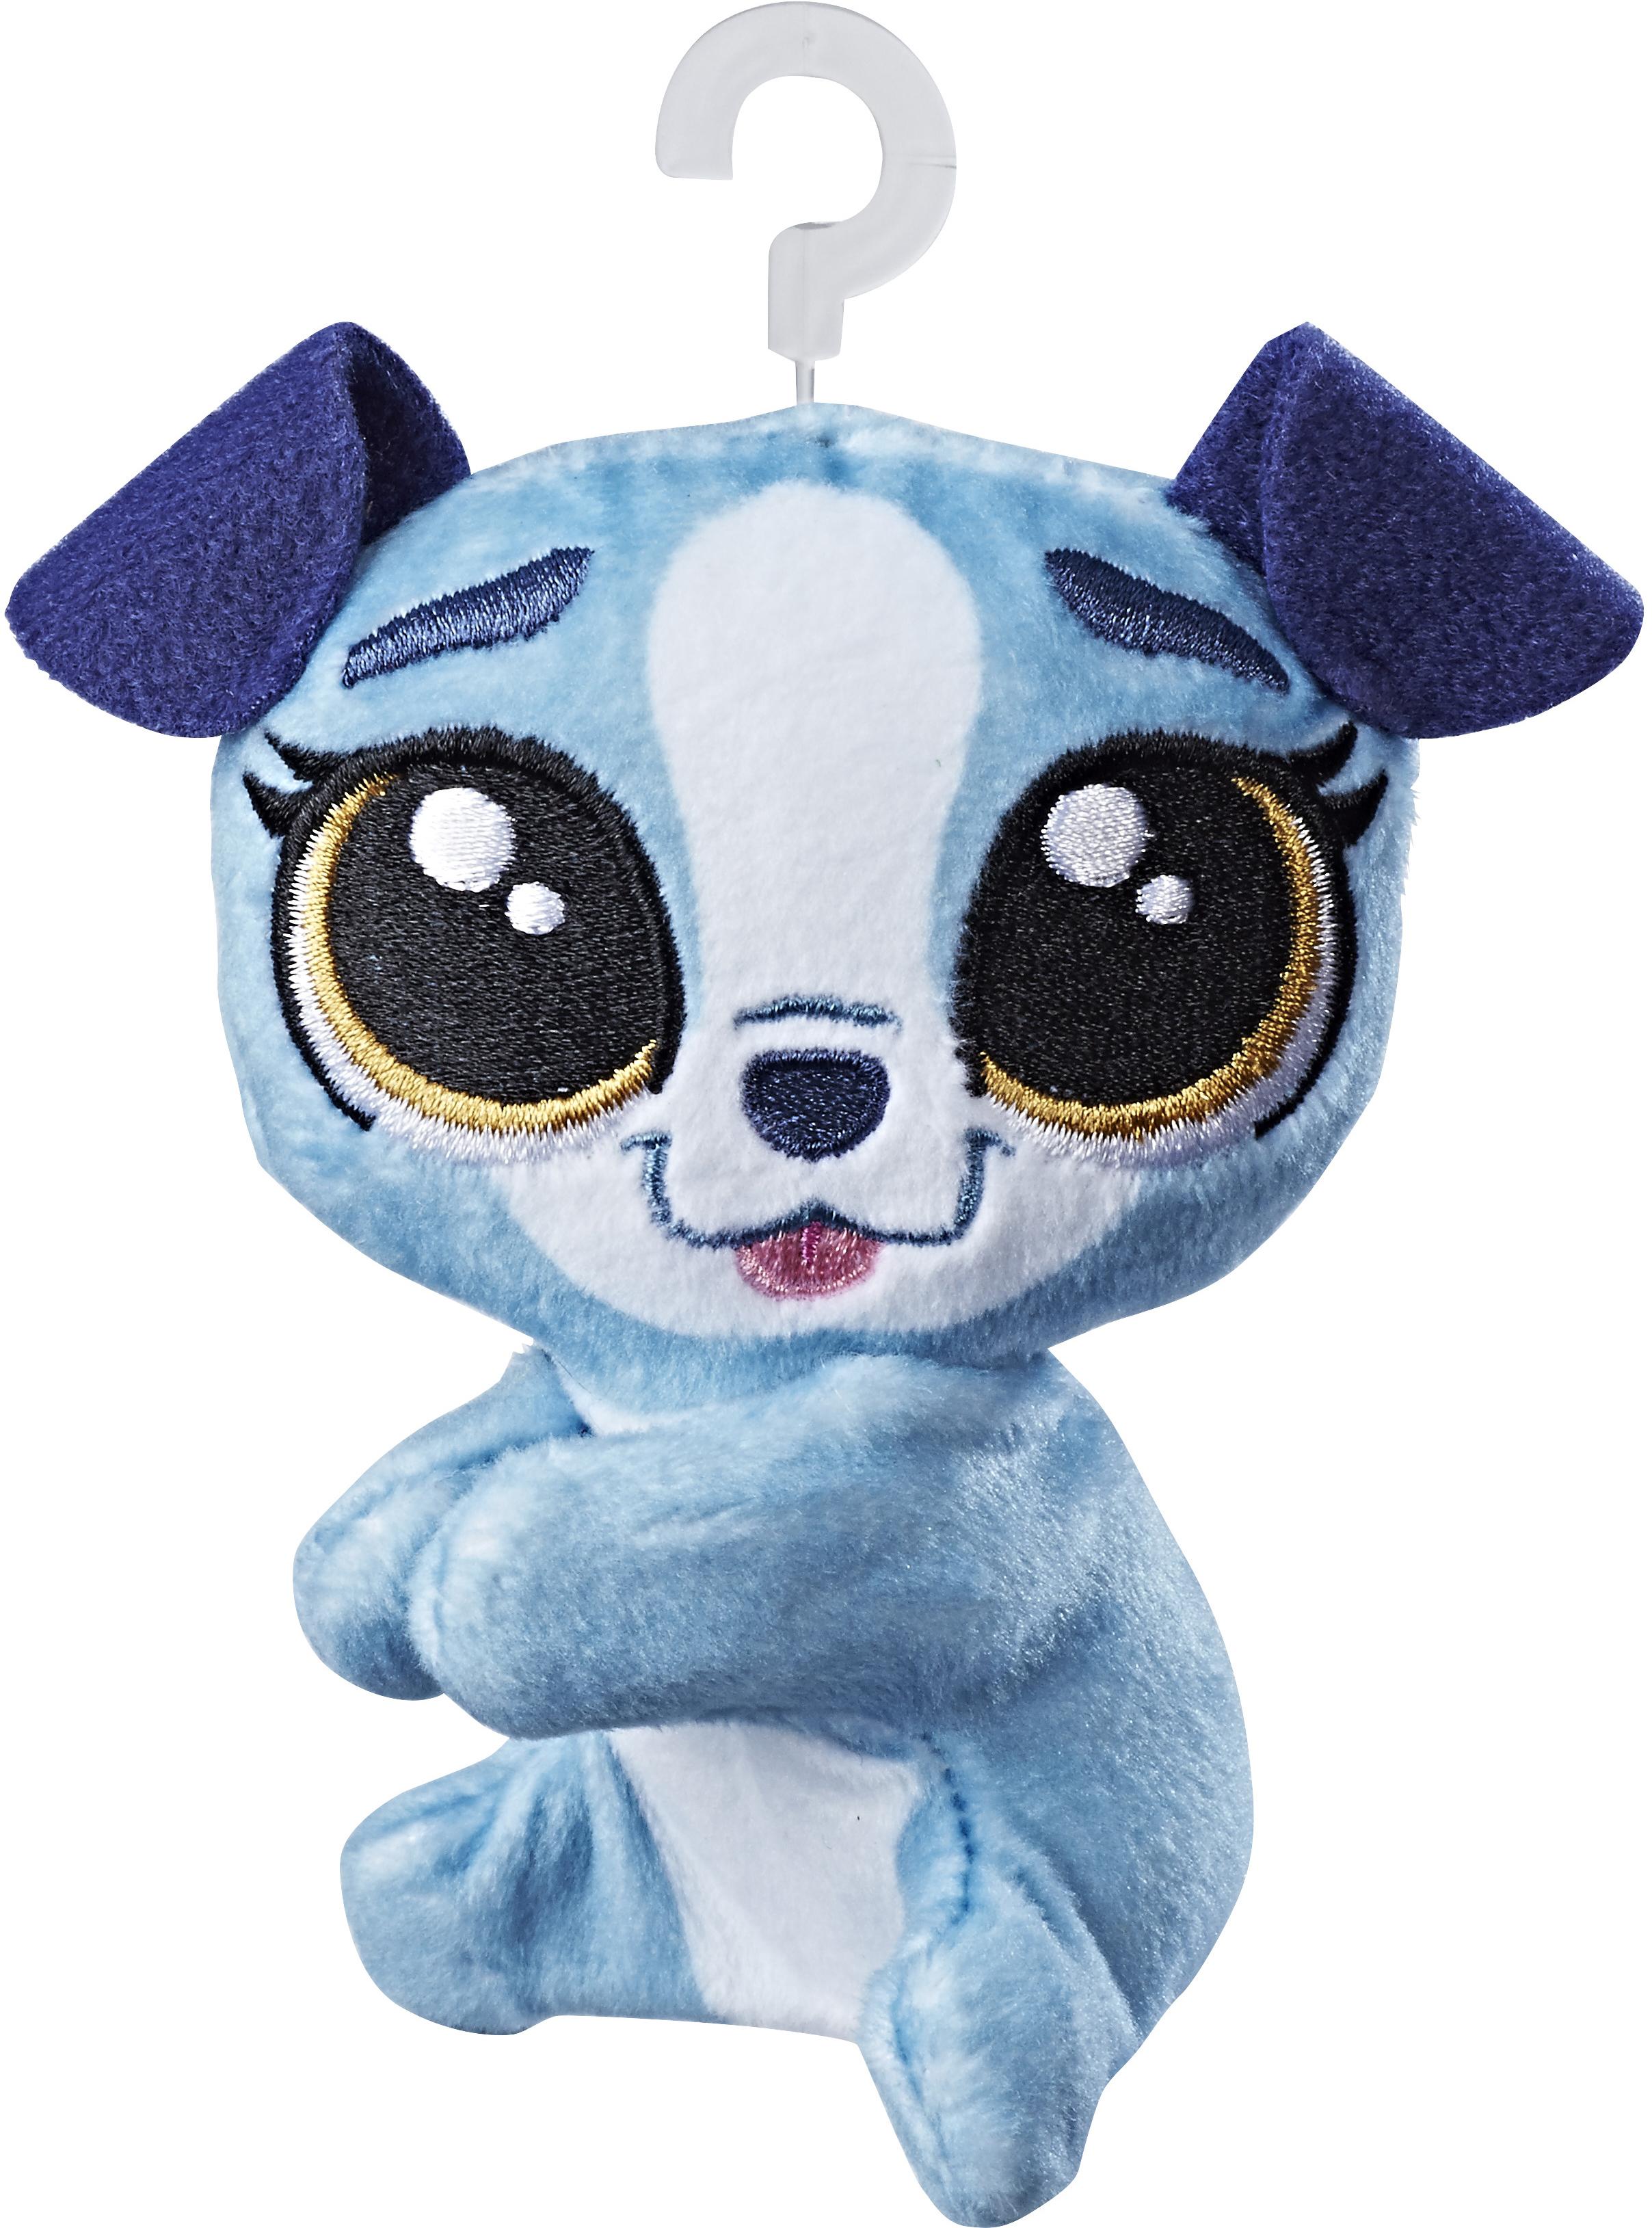 Littlest Pet Shop Игрушка мягконабивная Пет-прилипала Buster Boxington фигурки игрушки littlest pet shop игрушка зверюшка